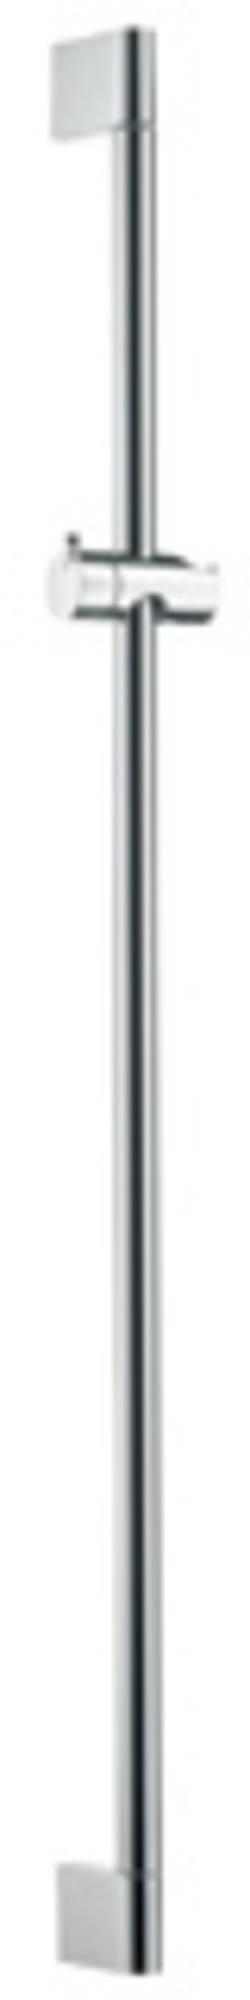 Hansgrohe Crometta glijstang 27609000